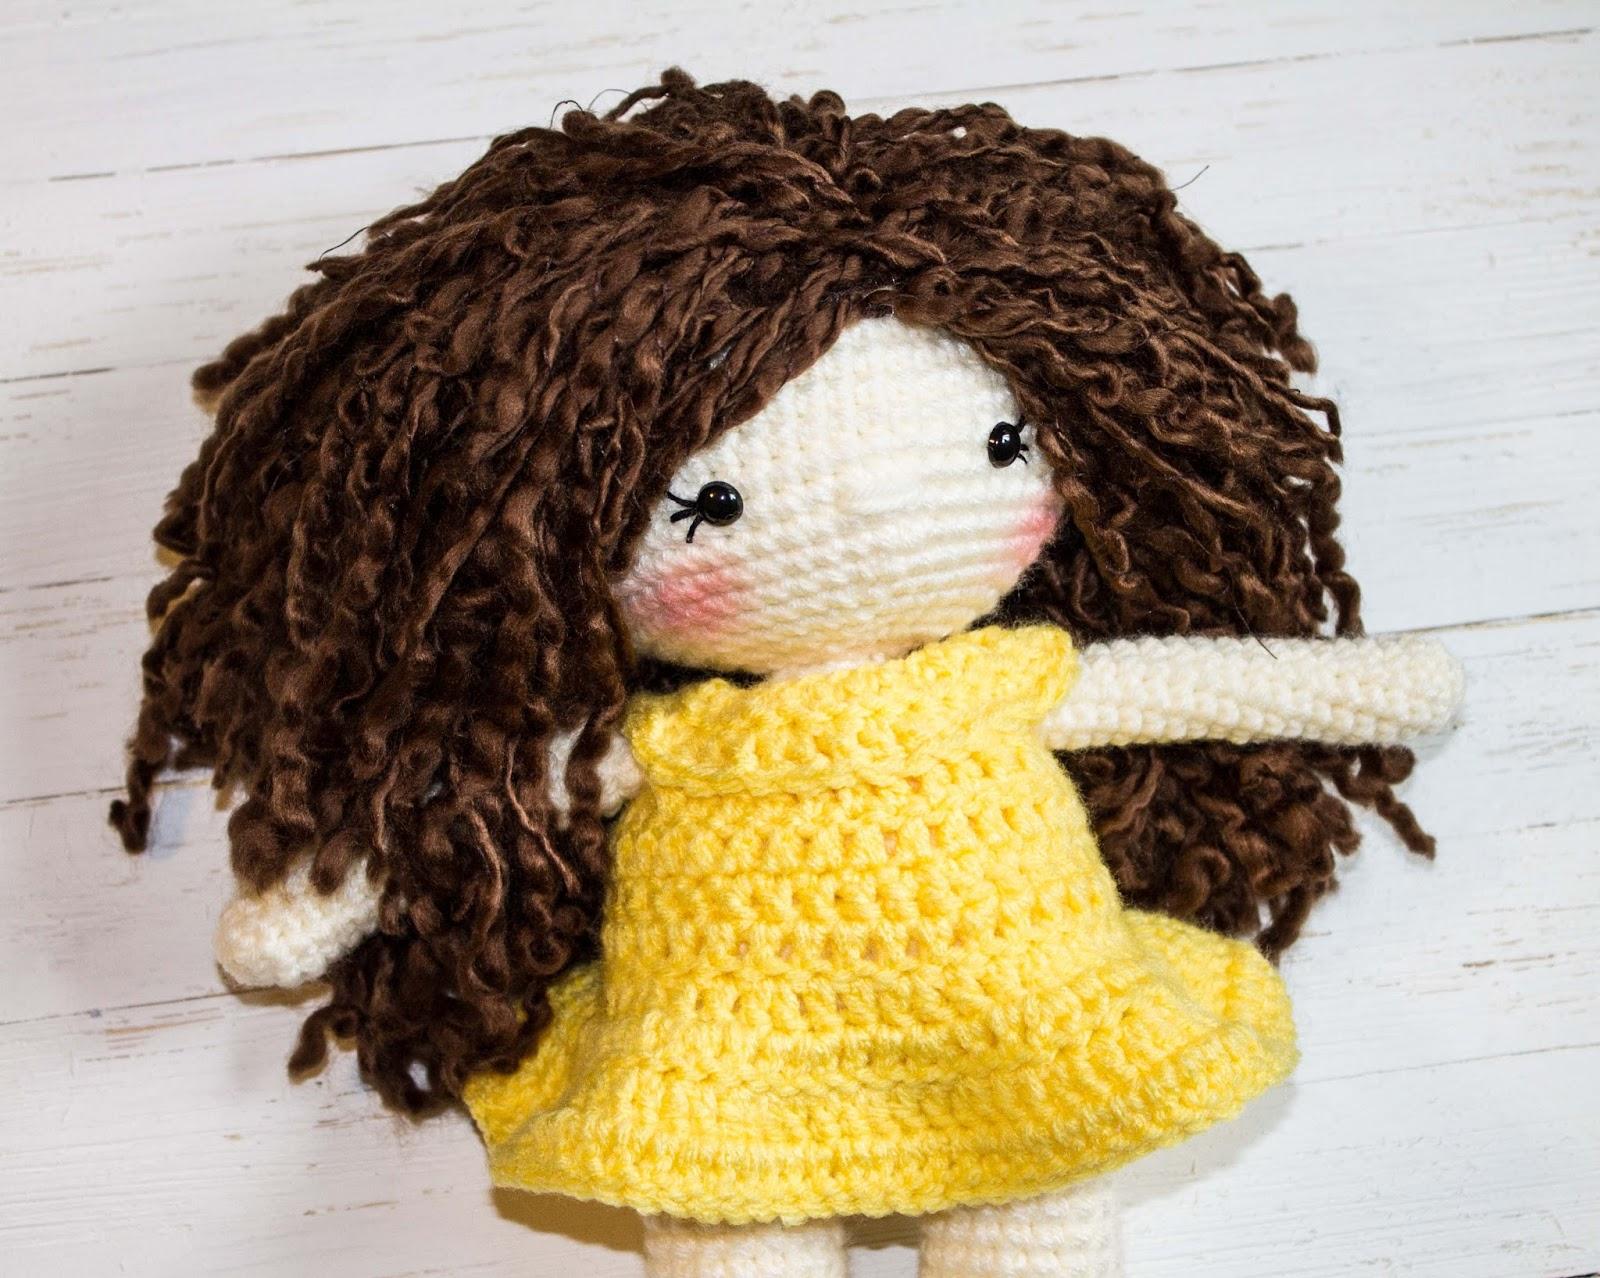 Amigurumi Hair Tutorial : How to attach hair to a crochet doll thefriendlyredfox.com